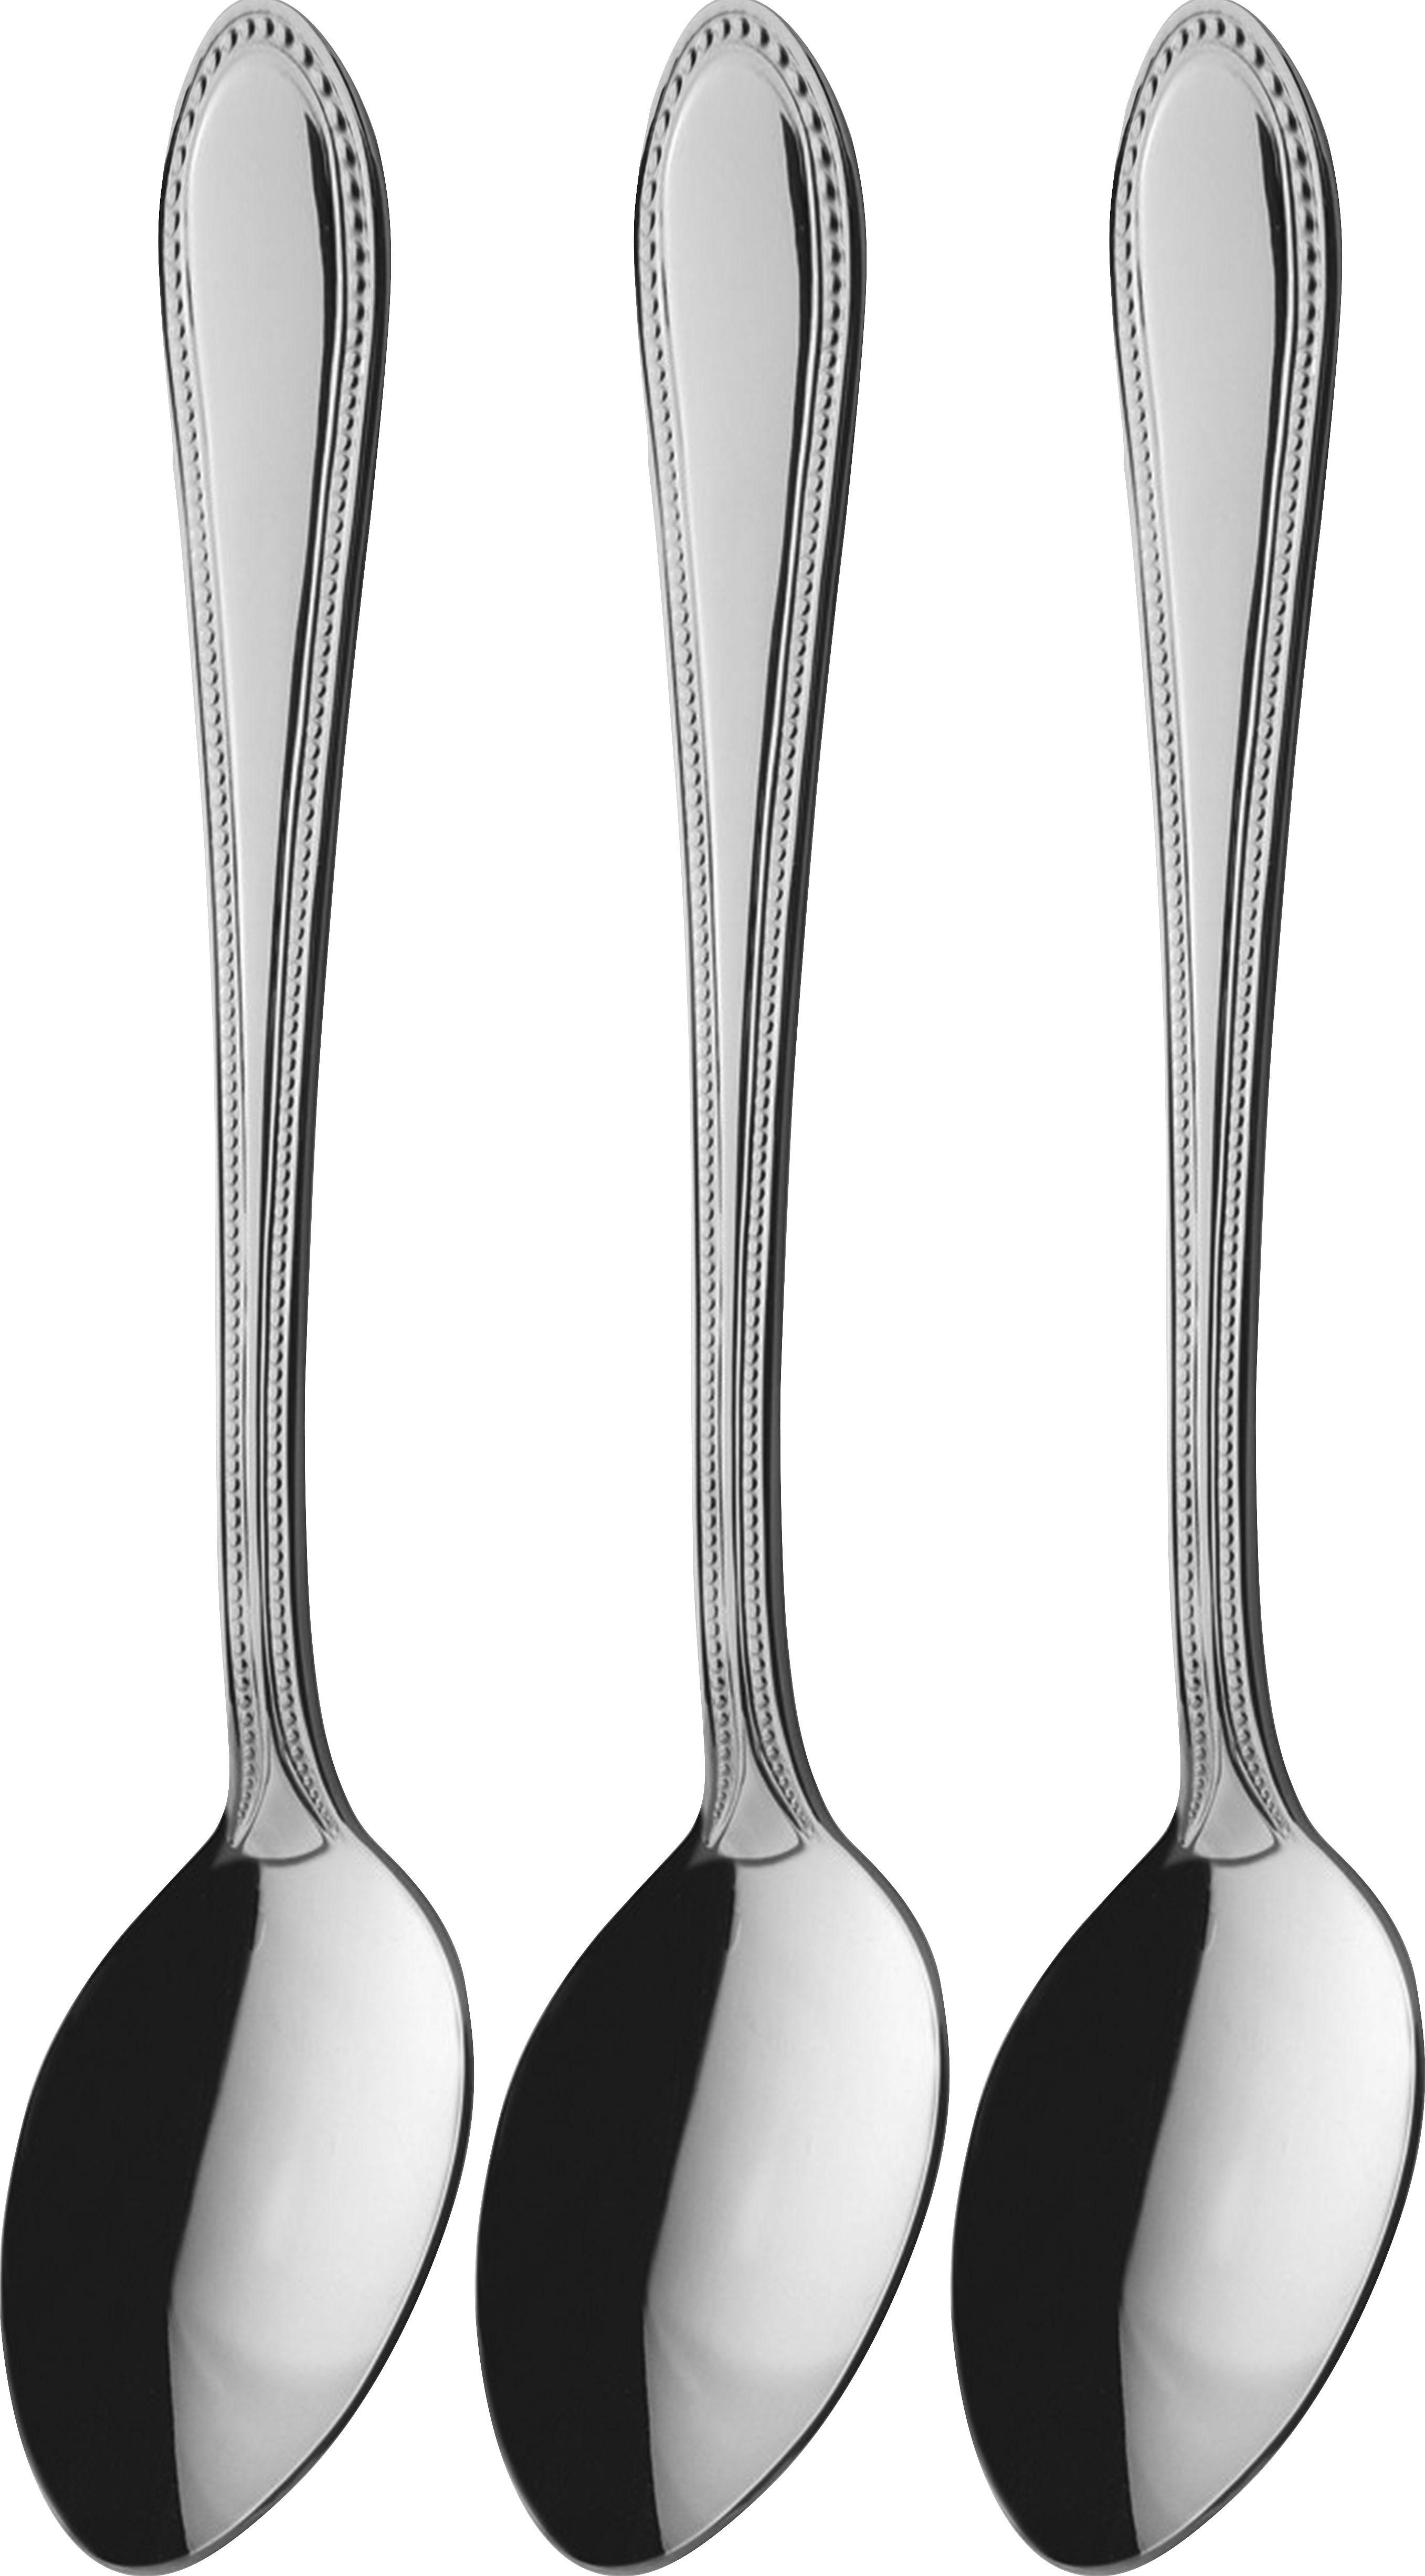 Набор столовых ложек Atmosphere Facile, 3 предмета набор столовых ножей dalper президент 3 предмета